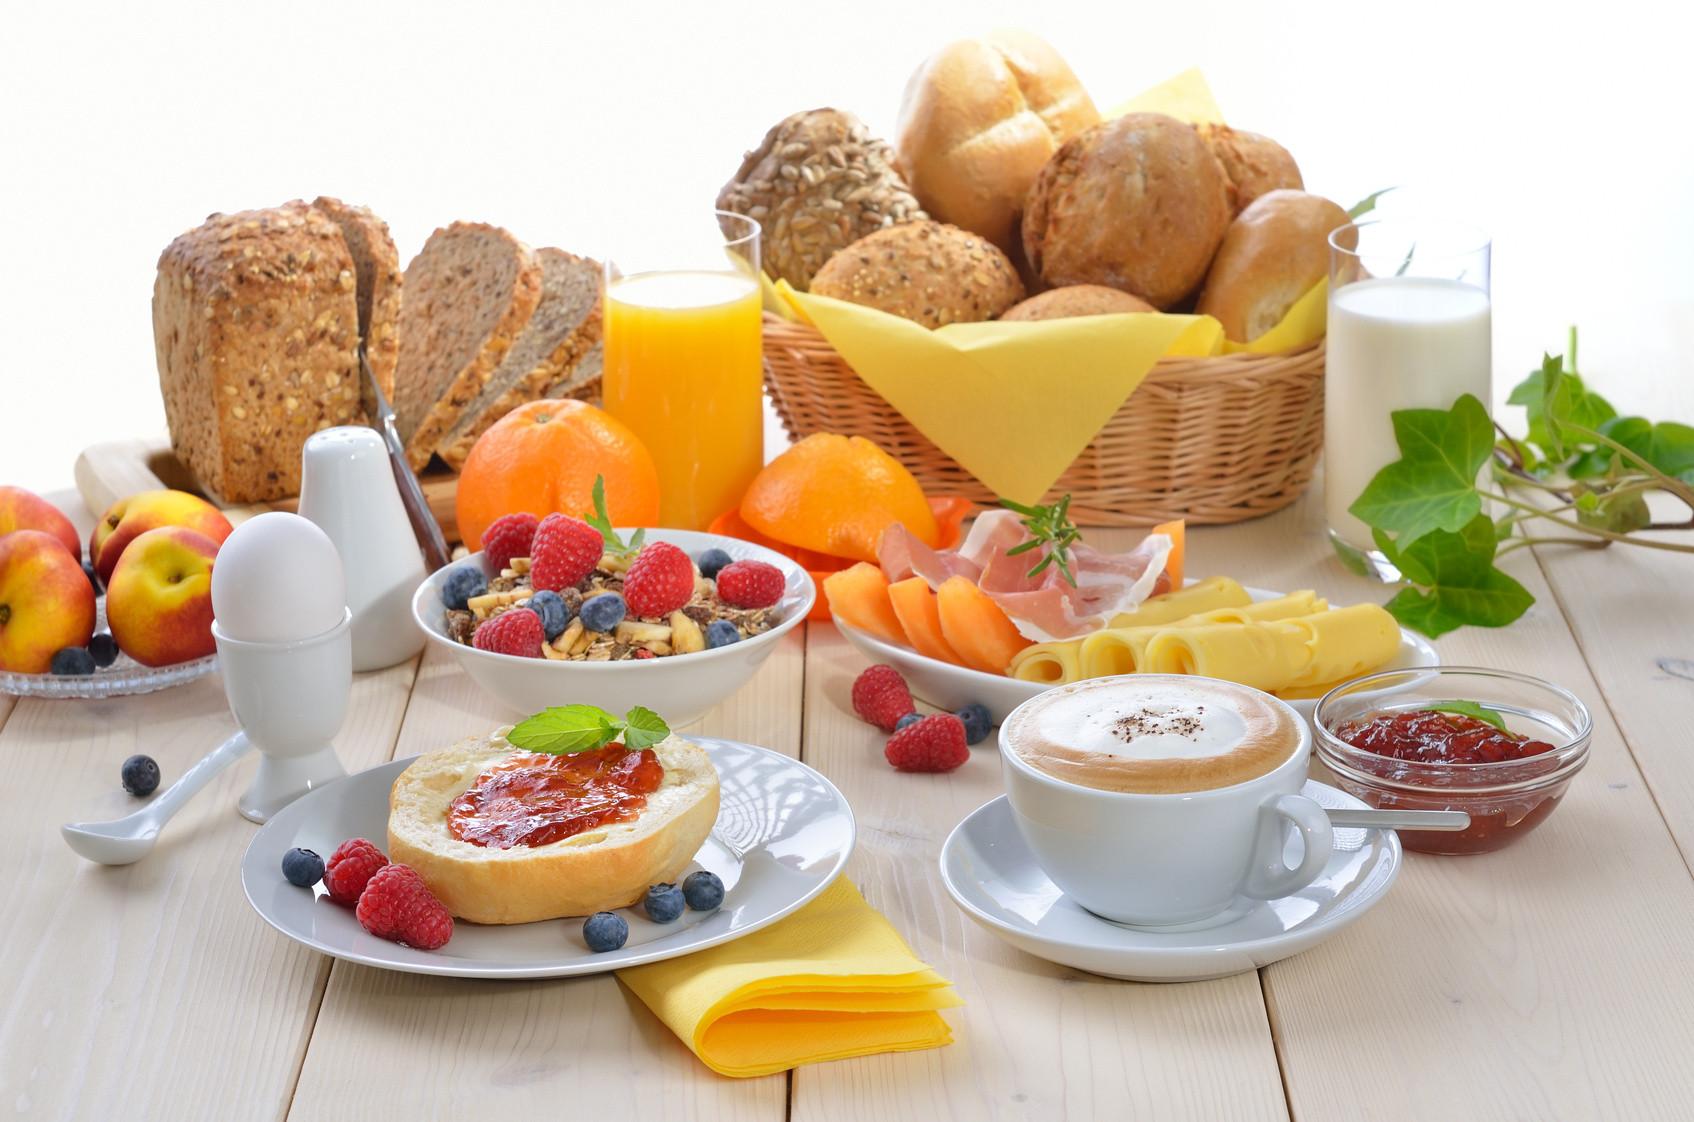 Healthy Nutritious Breakfast  Top 20 Healthy Breakfast Ideas For Winter eBlogfa